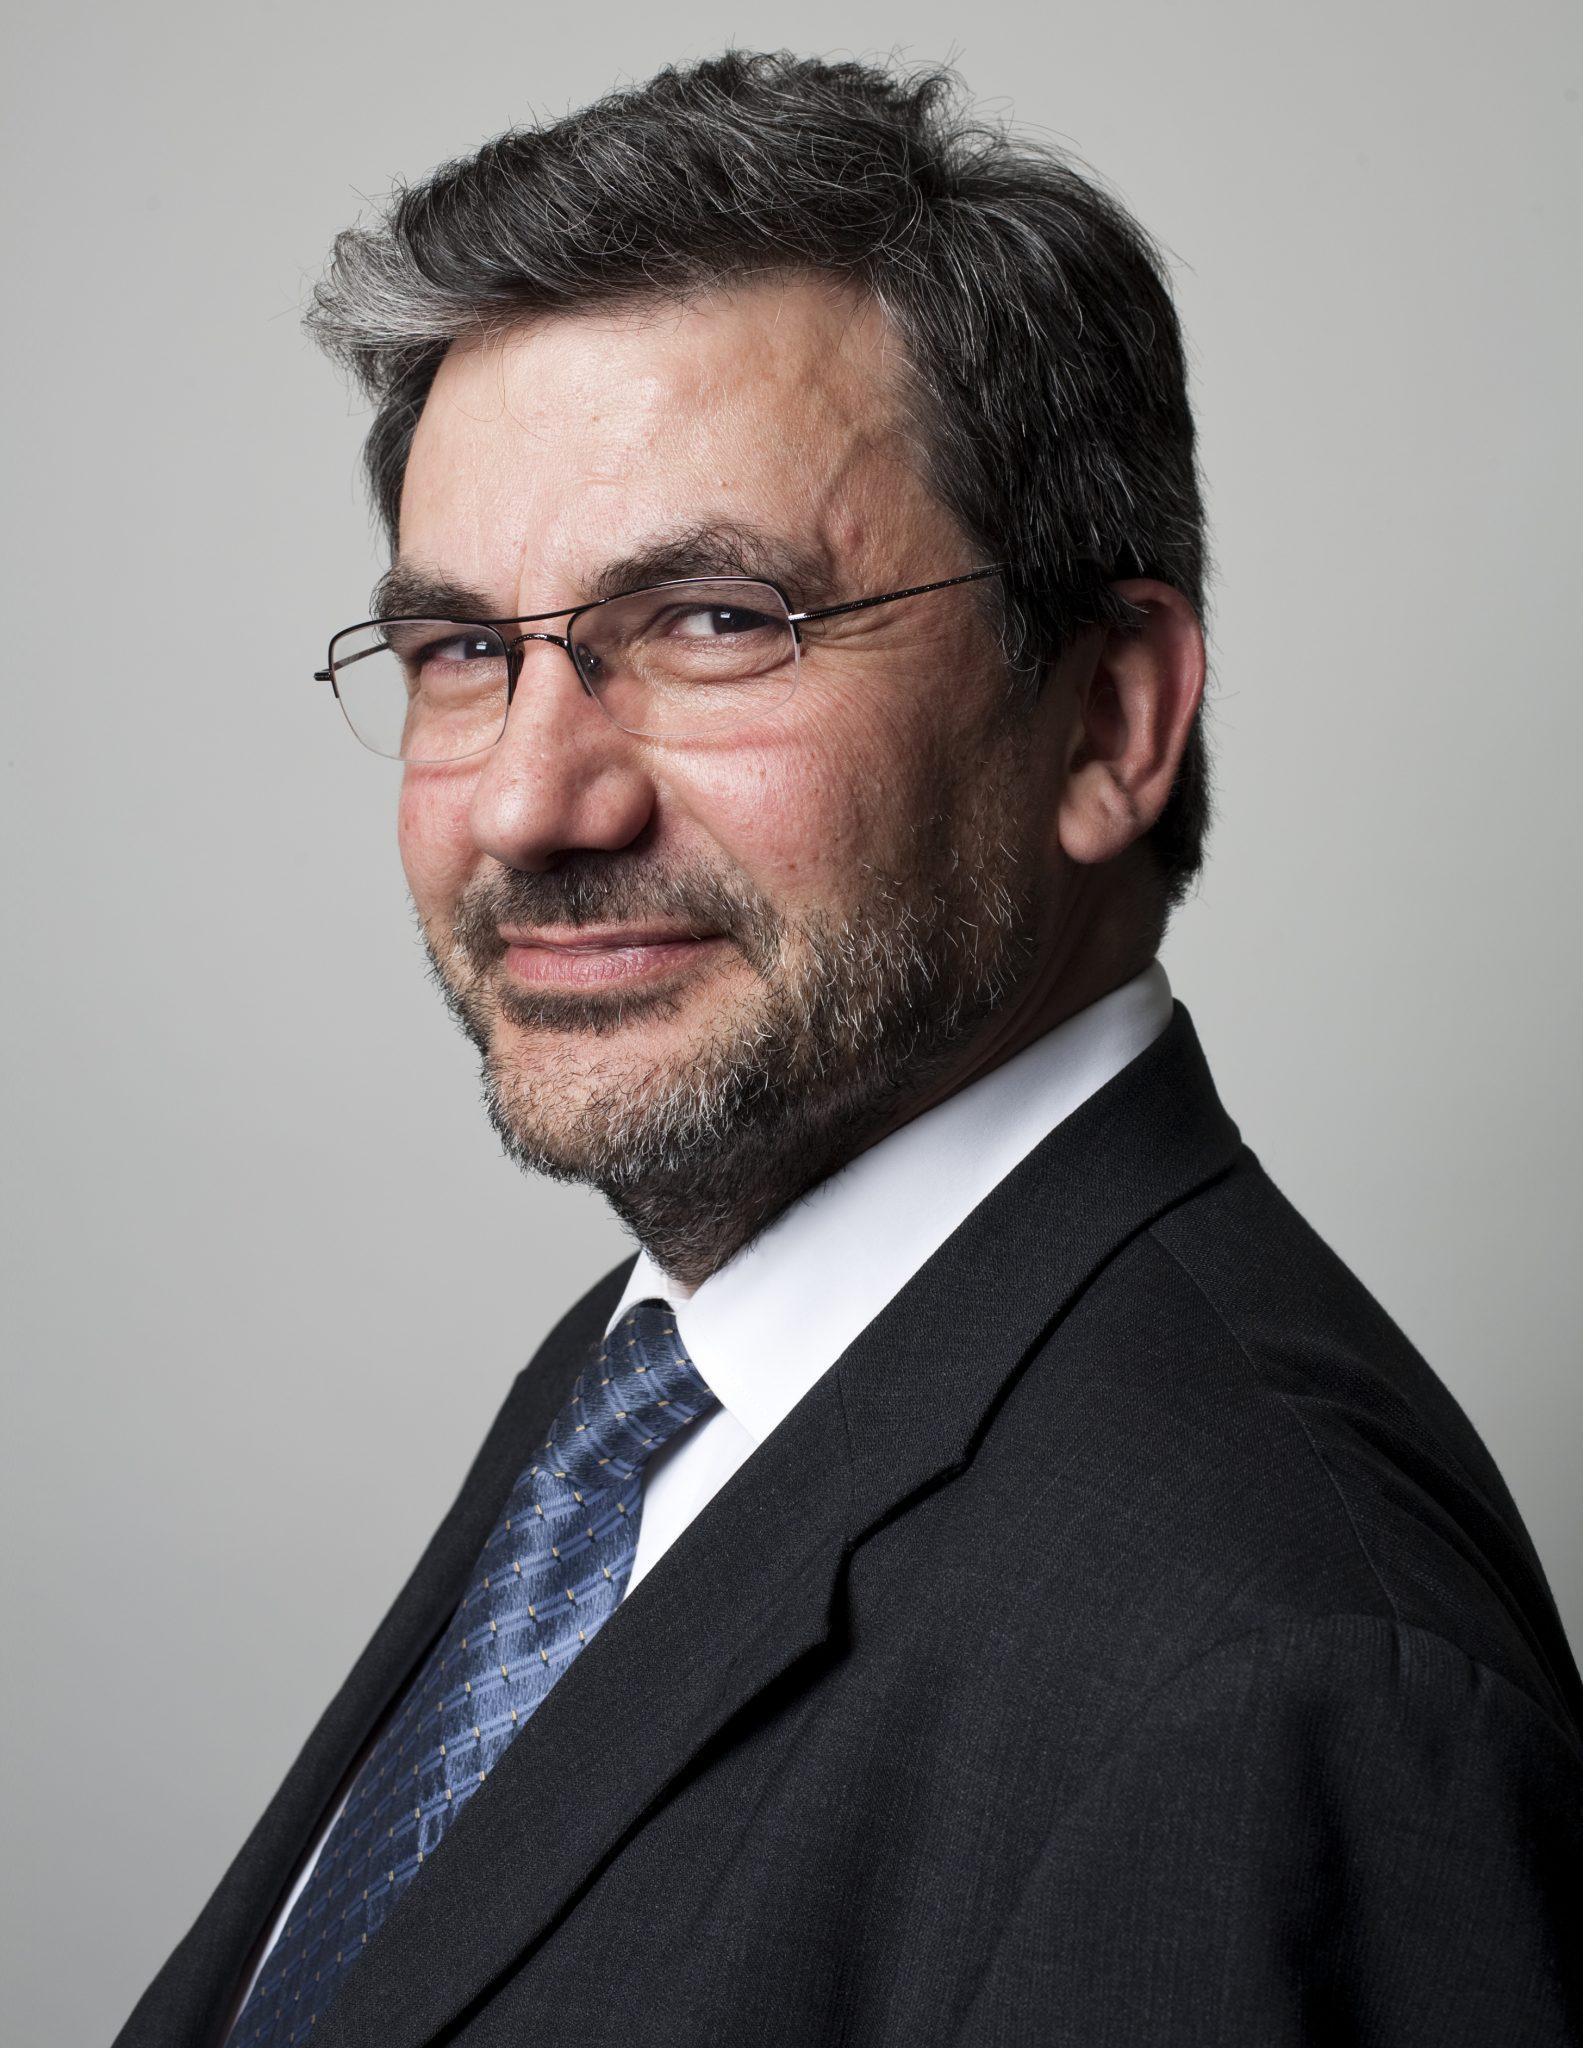 interview with carlos de los llanos scientific director at citeo